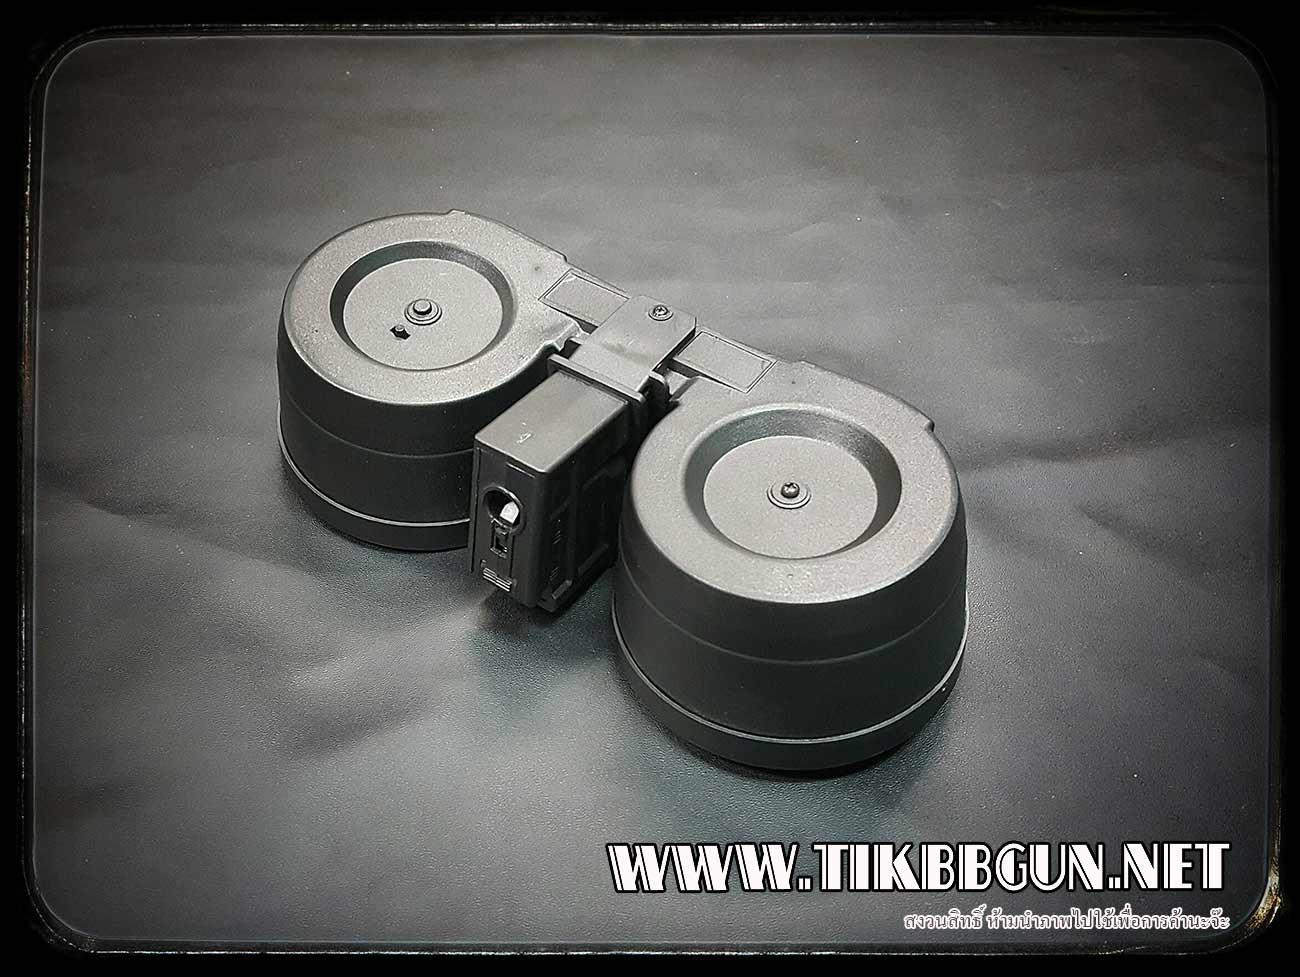 แม๊กไฟฟ้า สำหรับปืนตระกูล G36 (C-mag) งานจีน